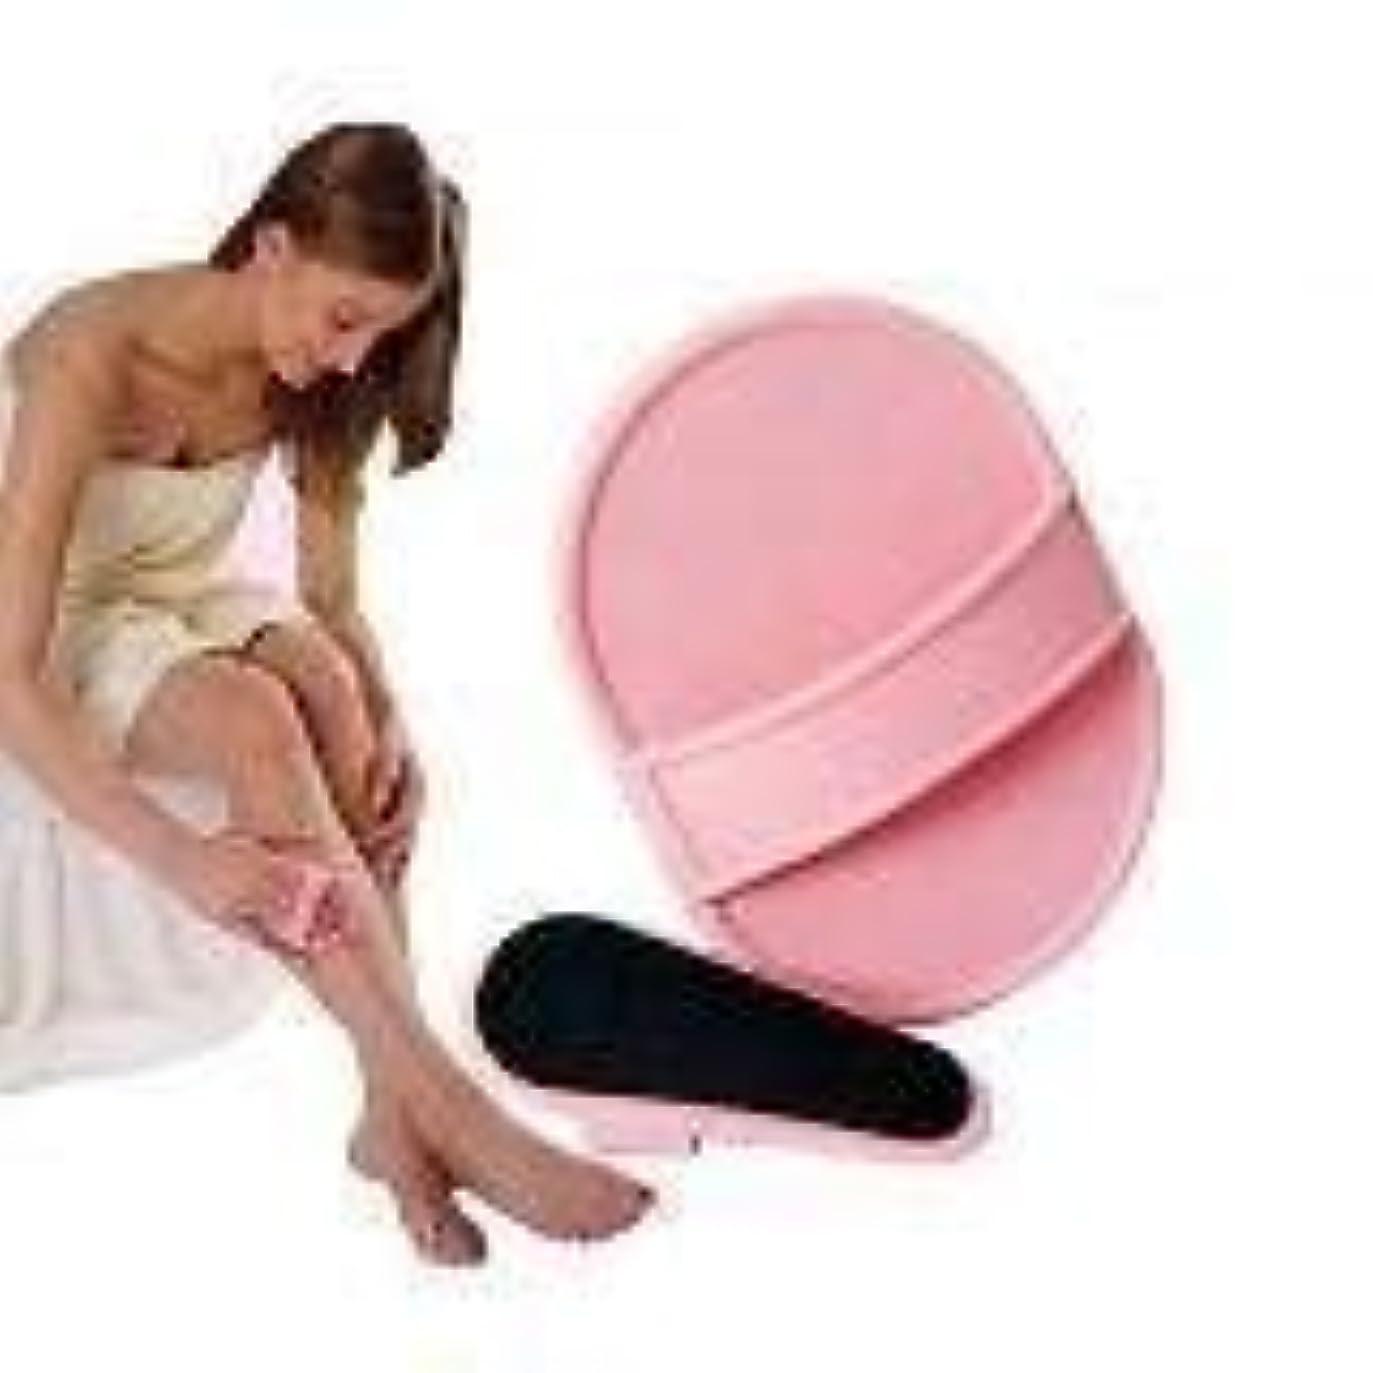 規制増幅器花婿GUANG-HOME なめらかな脚またはなめらかな脚用の詰め替えパッド - 10パッド